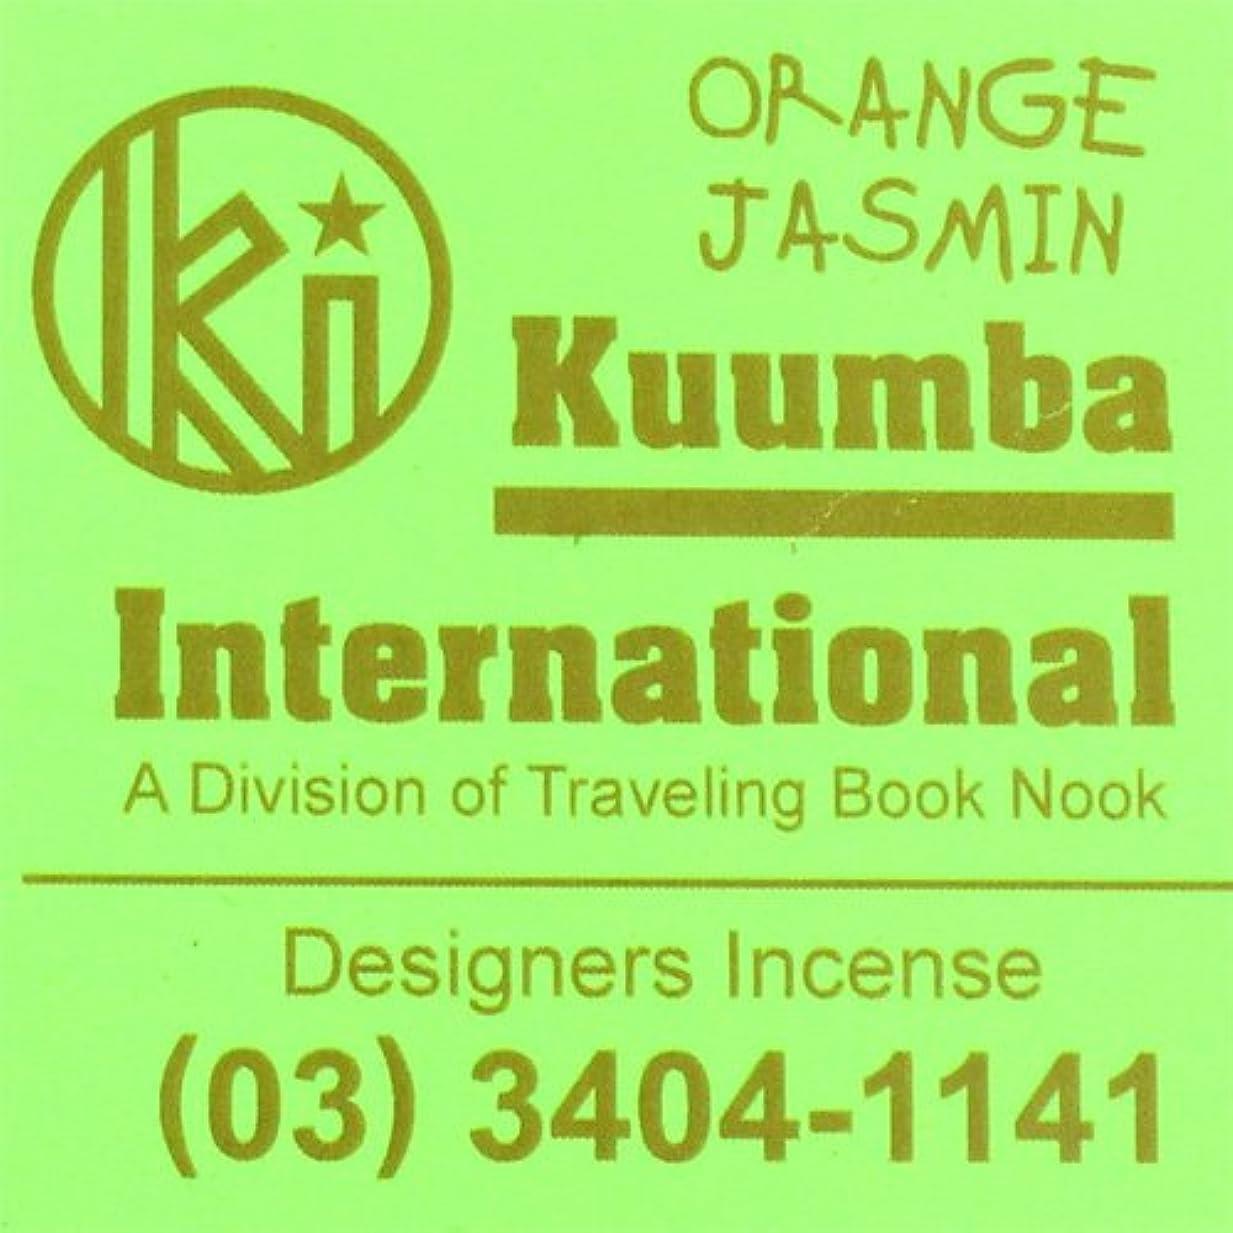 利益ゴージャスアルカイックKUUMBA / クンバ『incense』(ORANGE JASMINE) (Regular size)